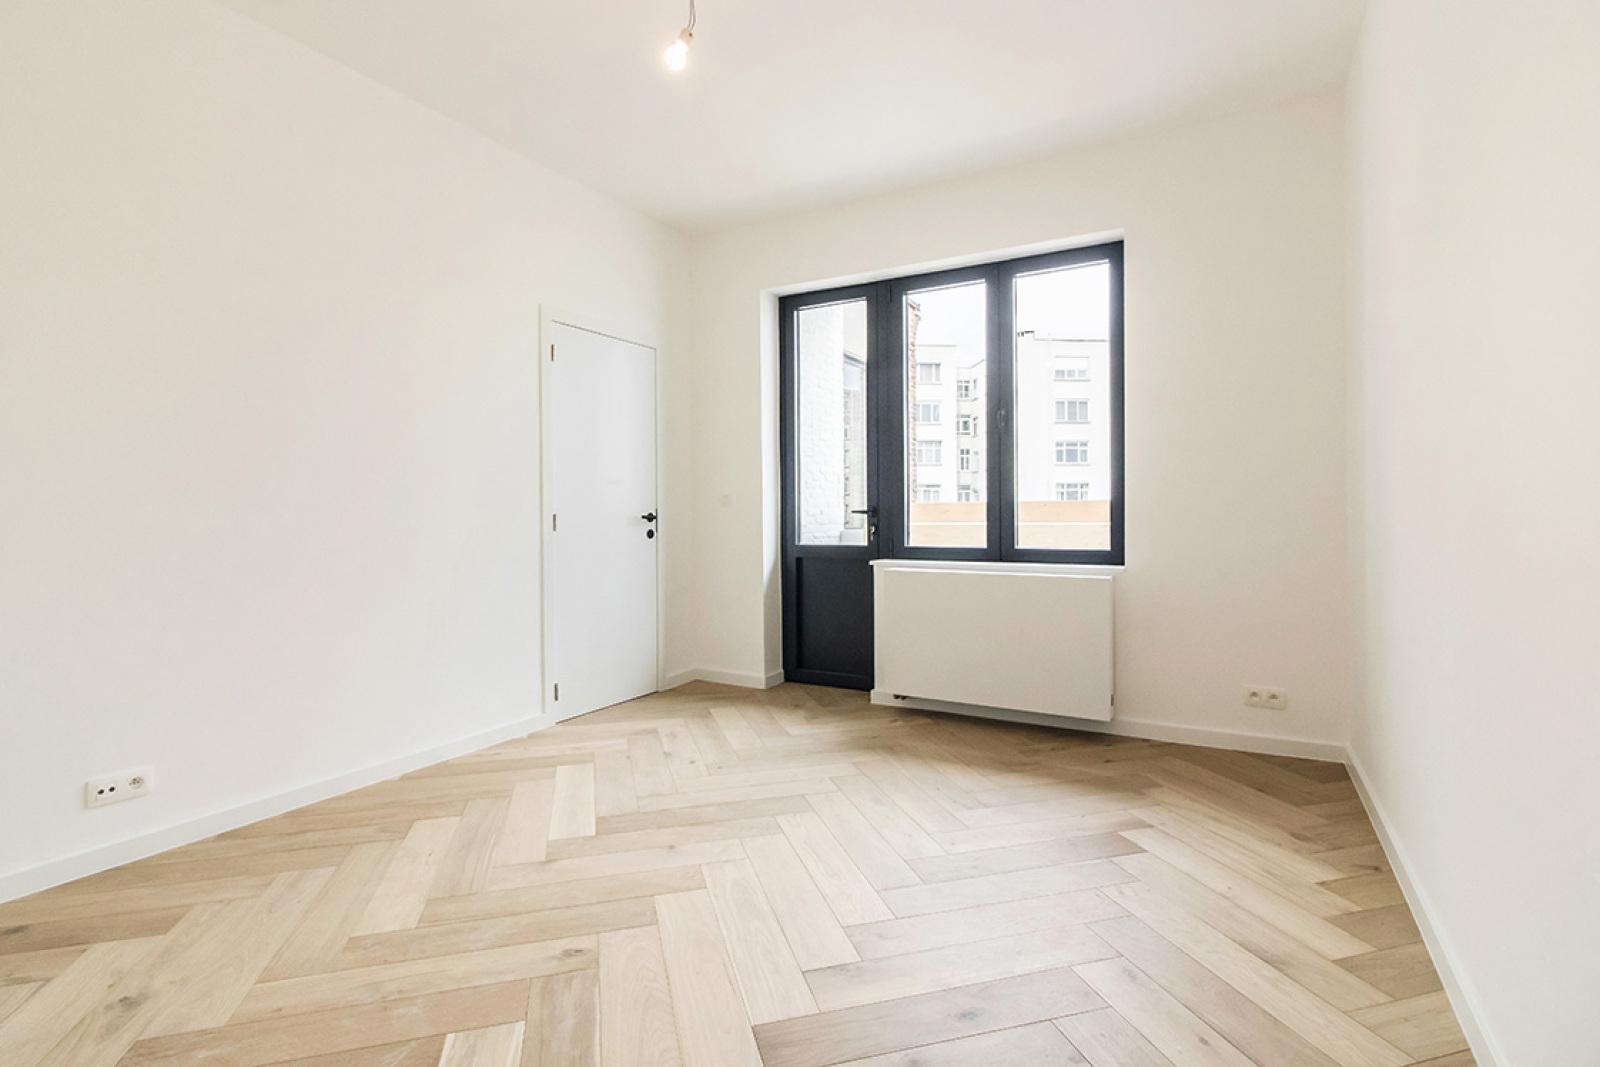 Stijlvol appartement met luxueuze afwerking aan het stadspark afbeelding 8